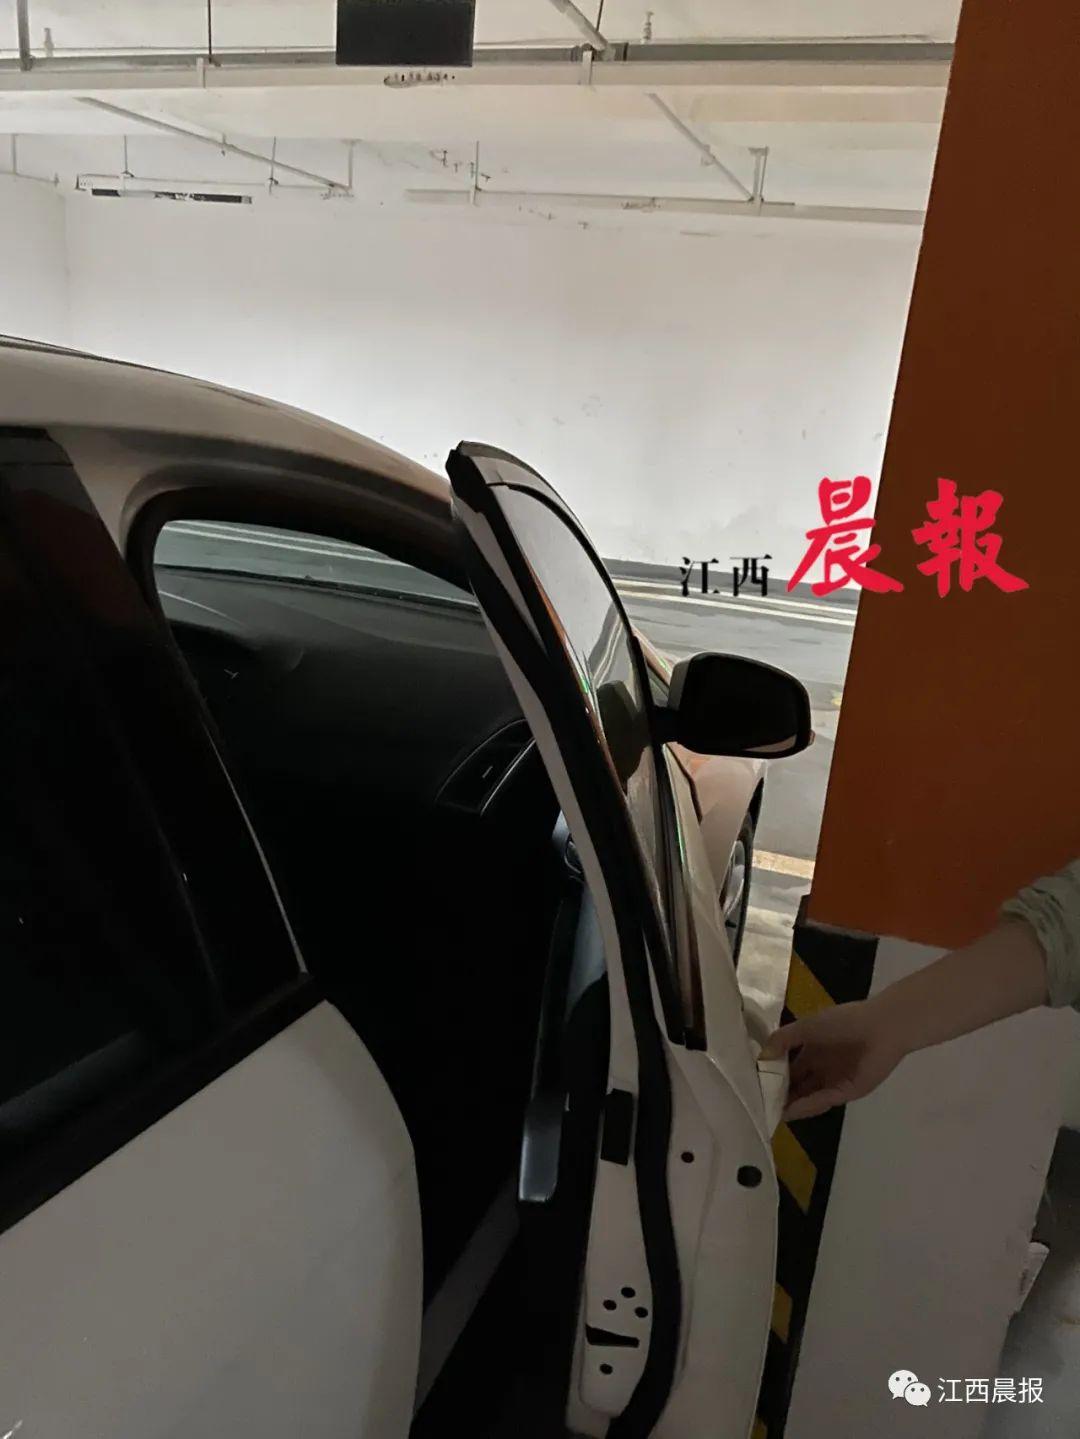 △周先生购买新力铂园地下停车位,竟然打不开副驾驶车门